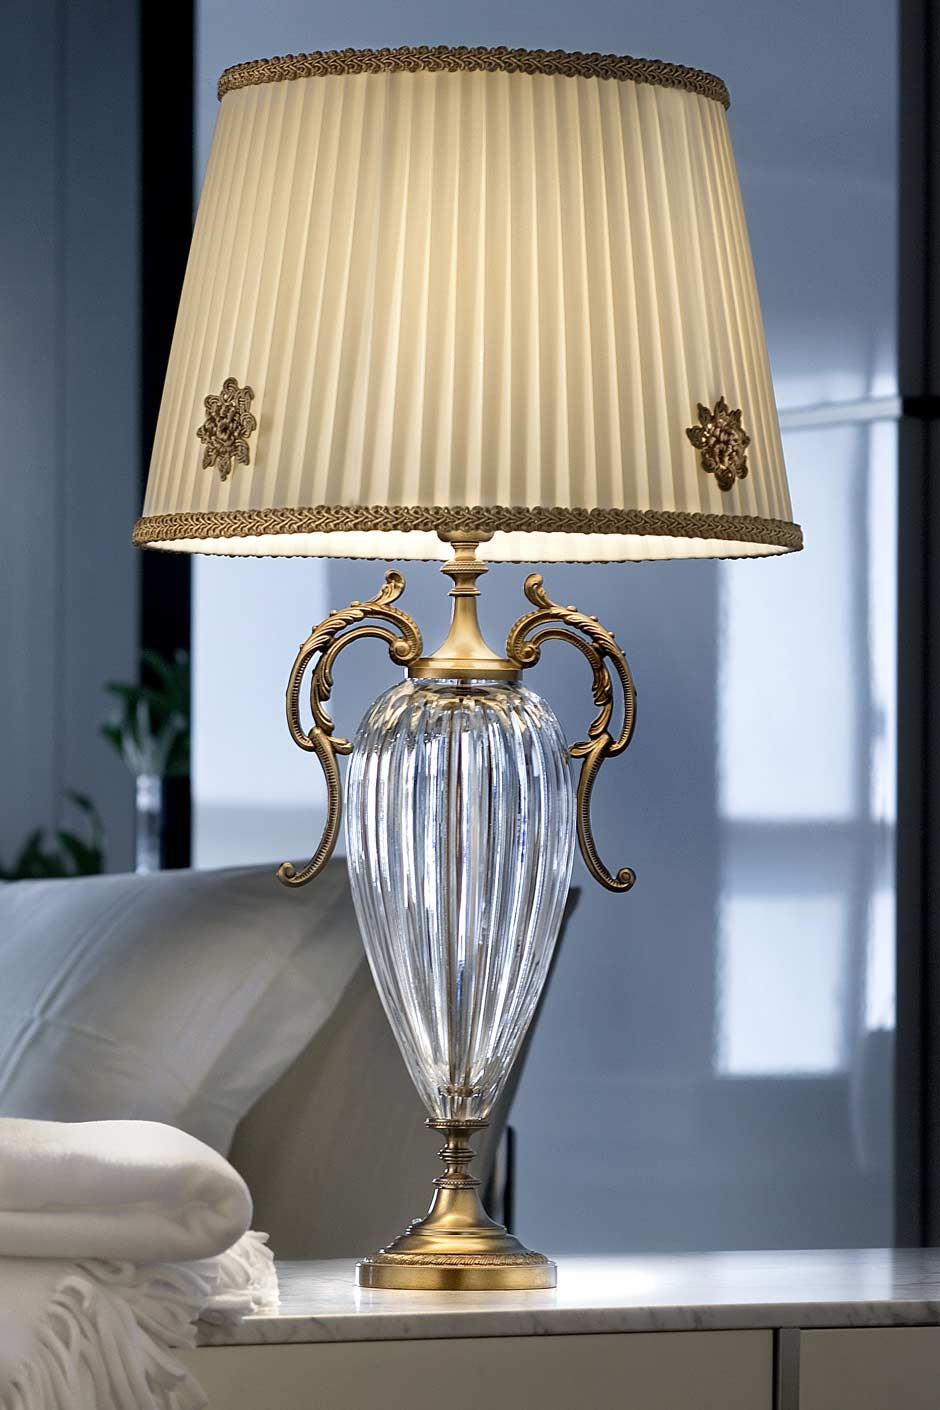 Lampe A Poser : Lampe pied en cristal transparent cannelé et métal doré